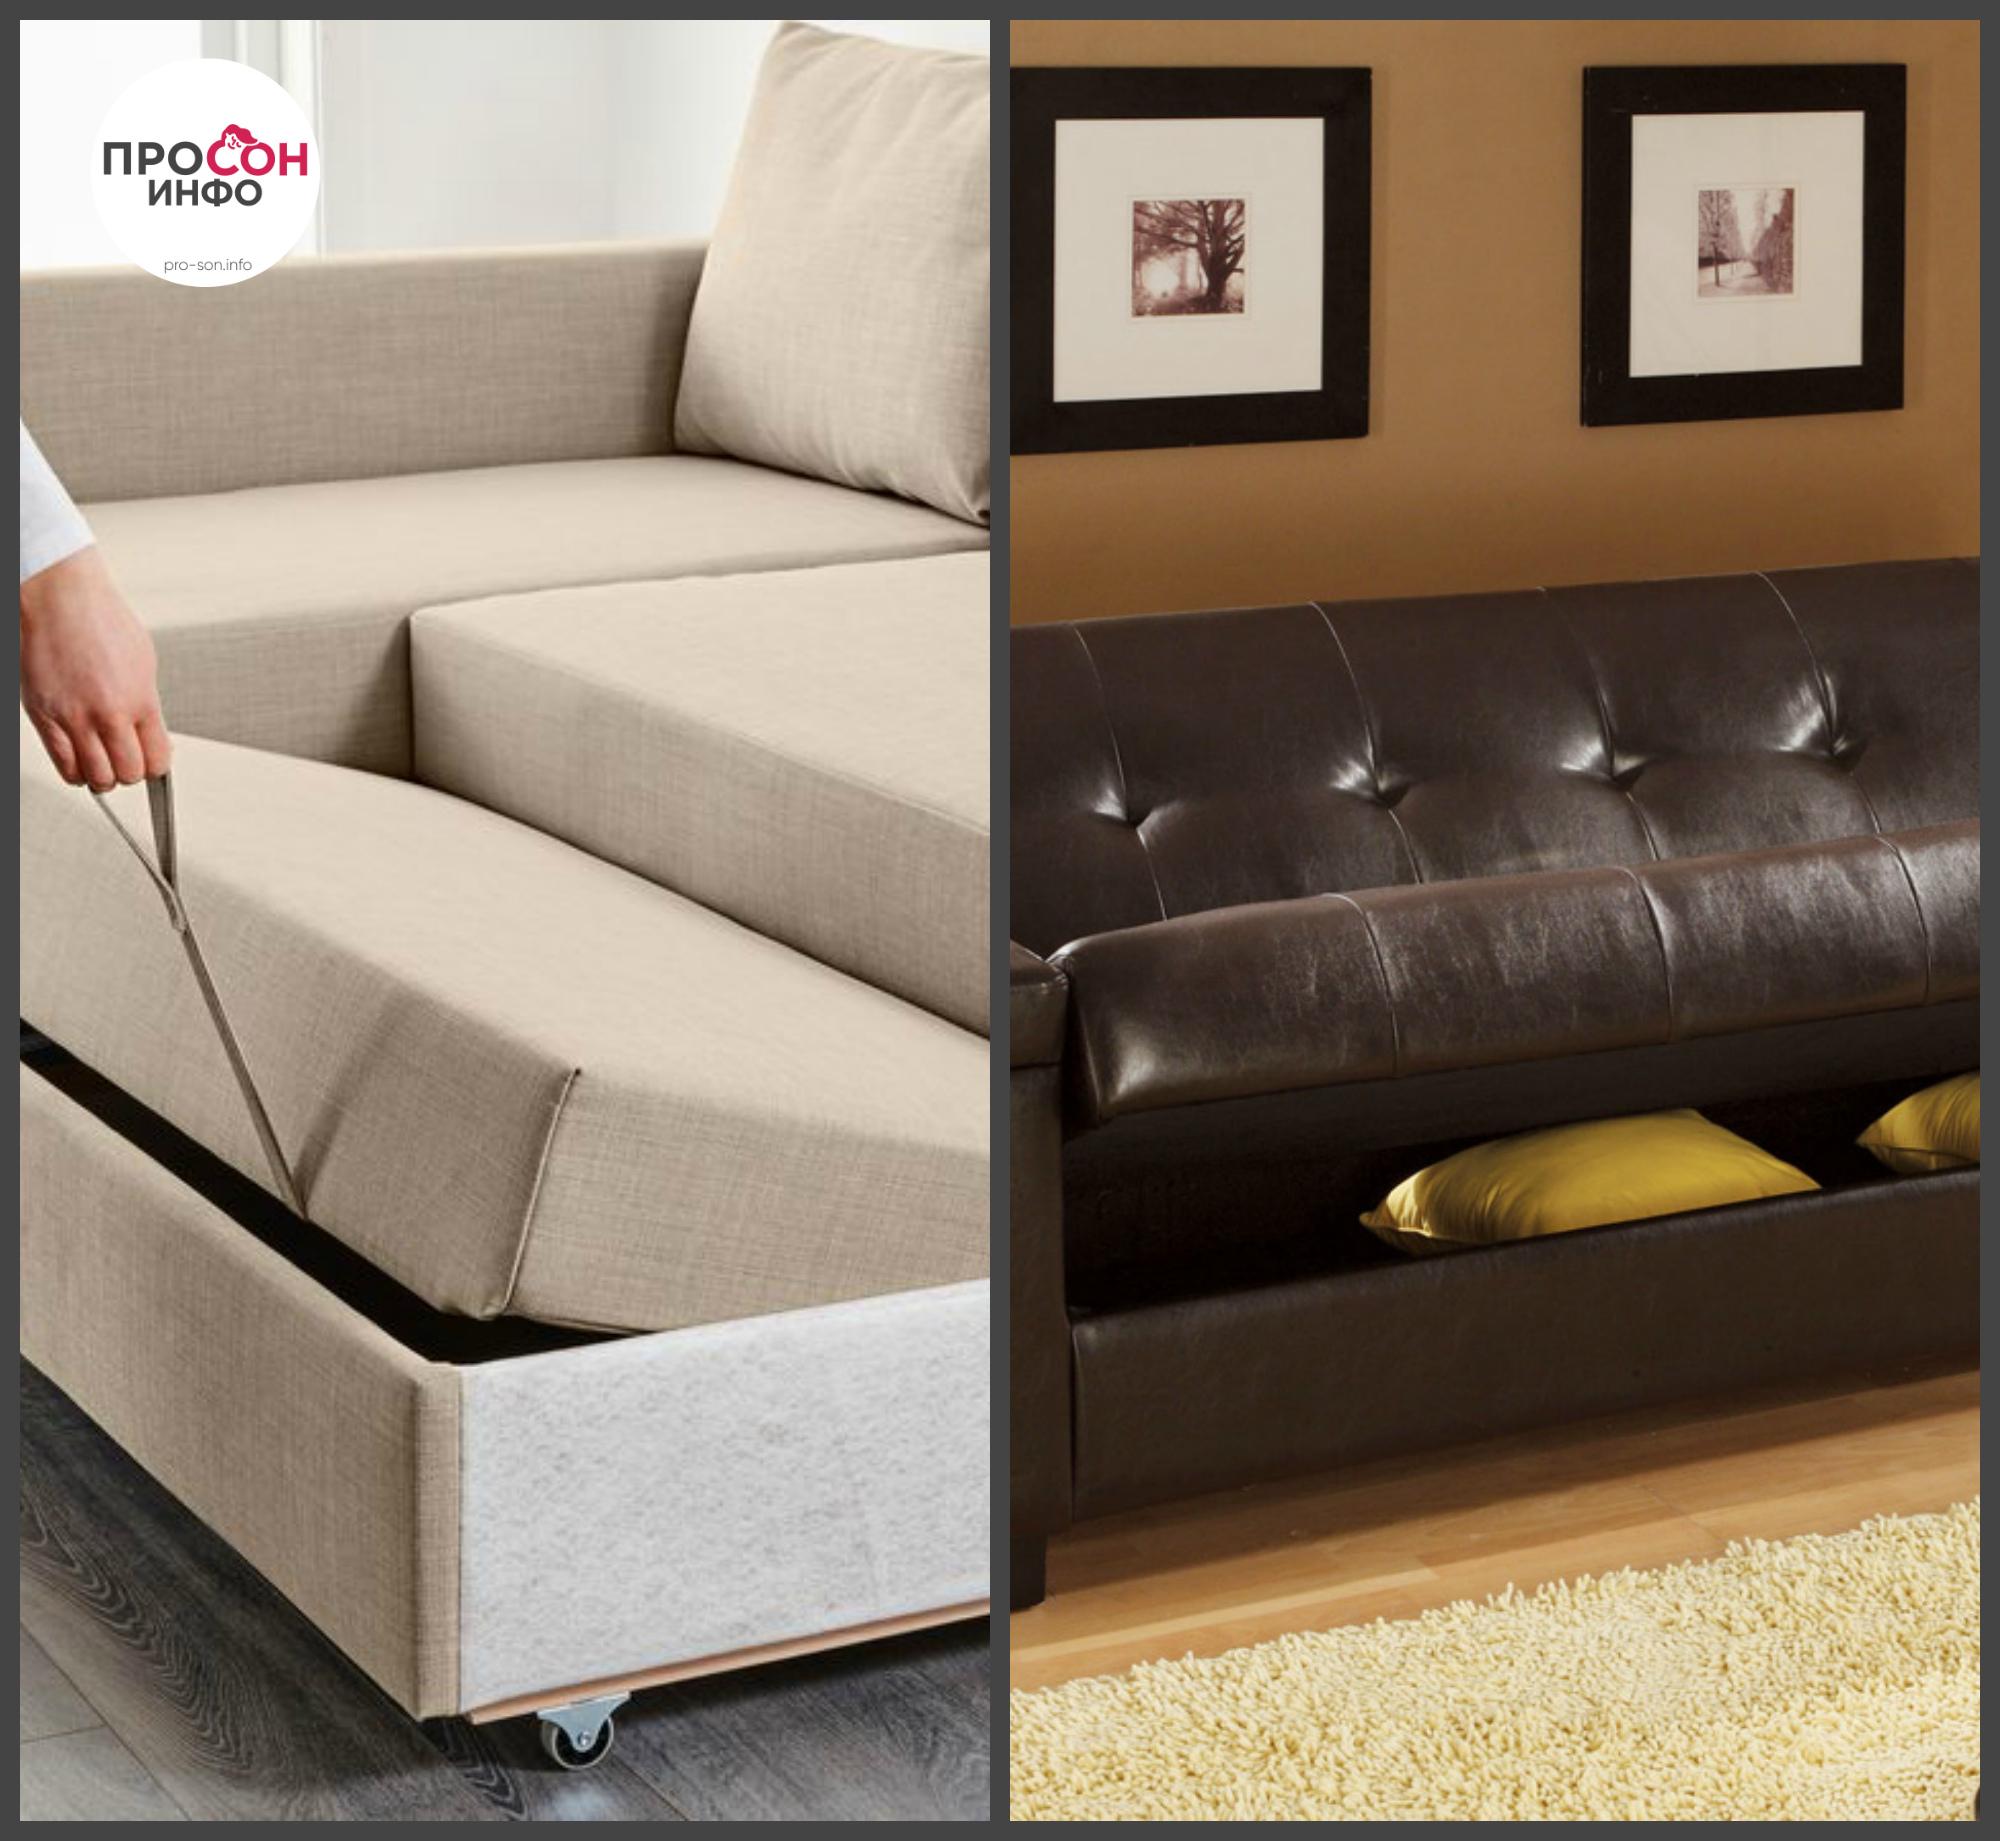 Как выбрать диван-трансформер Просон инфо картинка